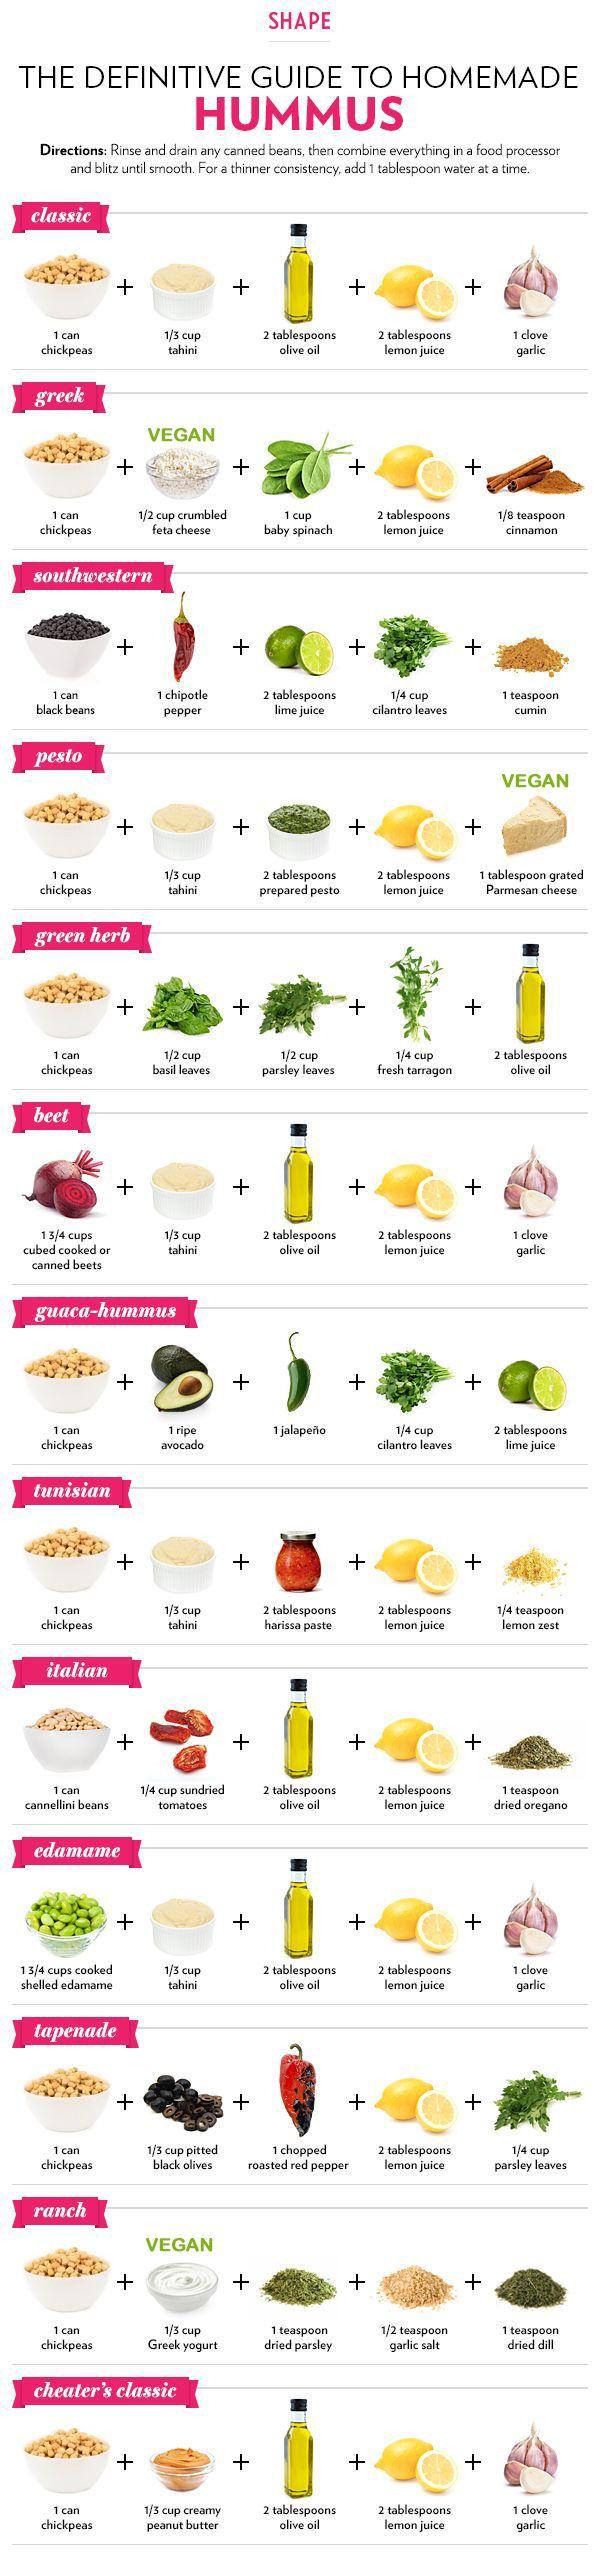 Home Made Hummus Recipes Vegan